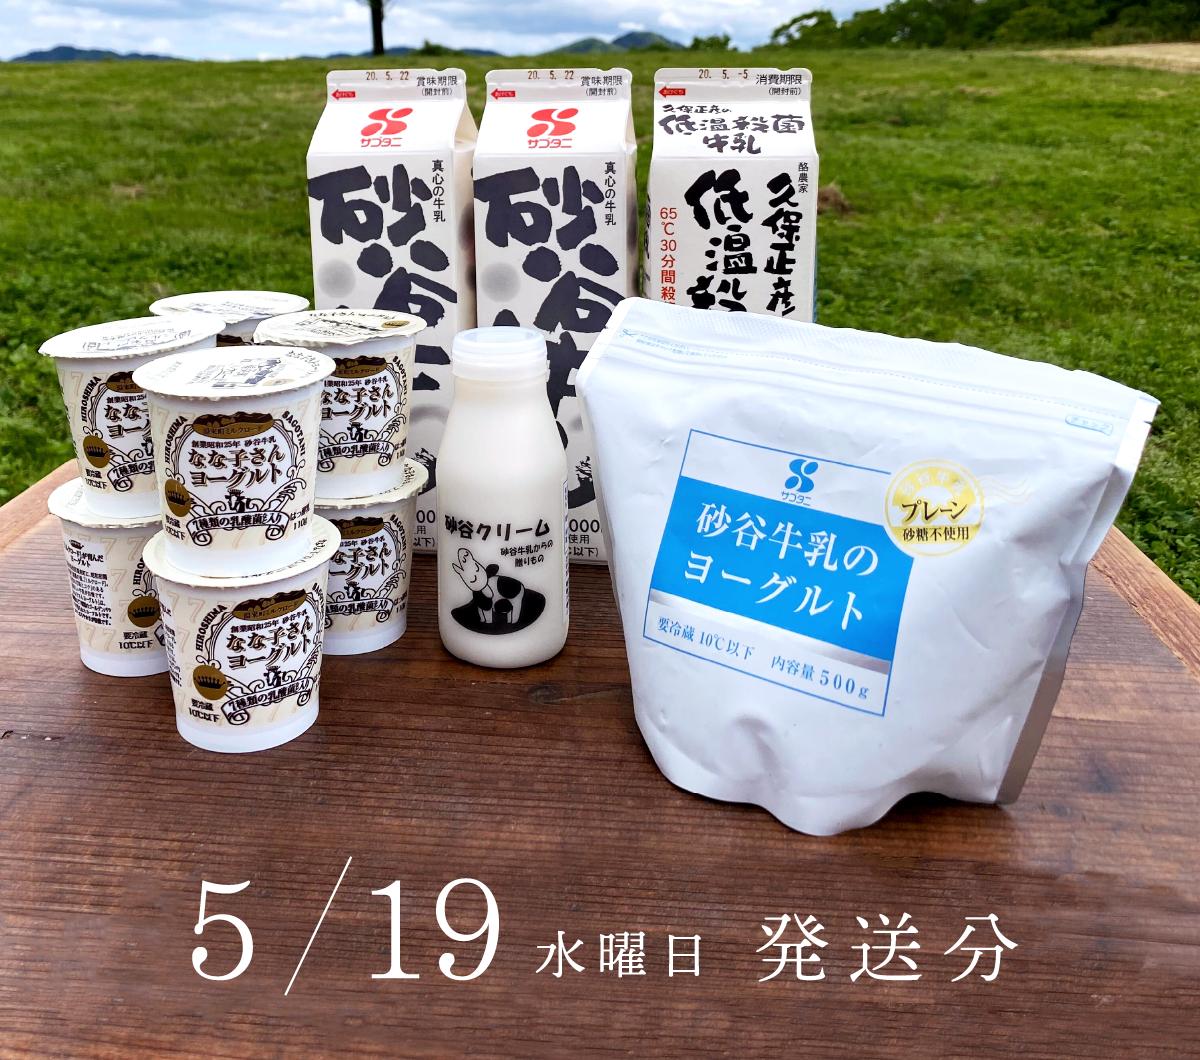 牛乳&ヨーグルトセット 5月19日(水)発送分